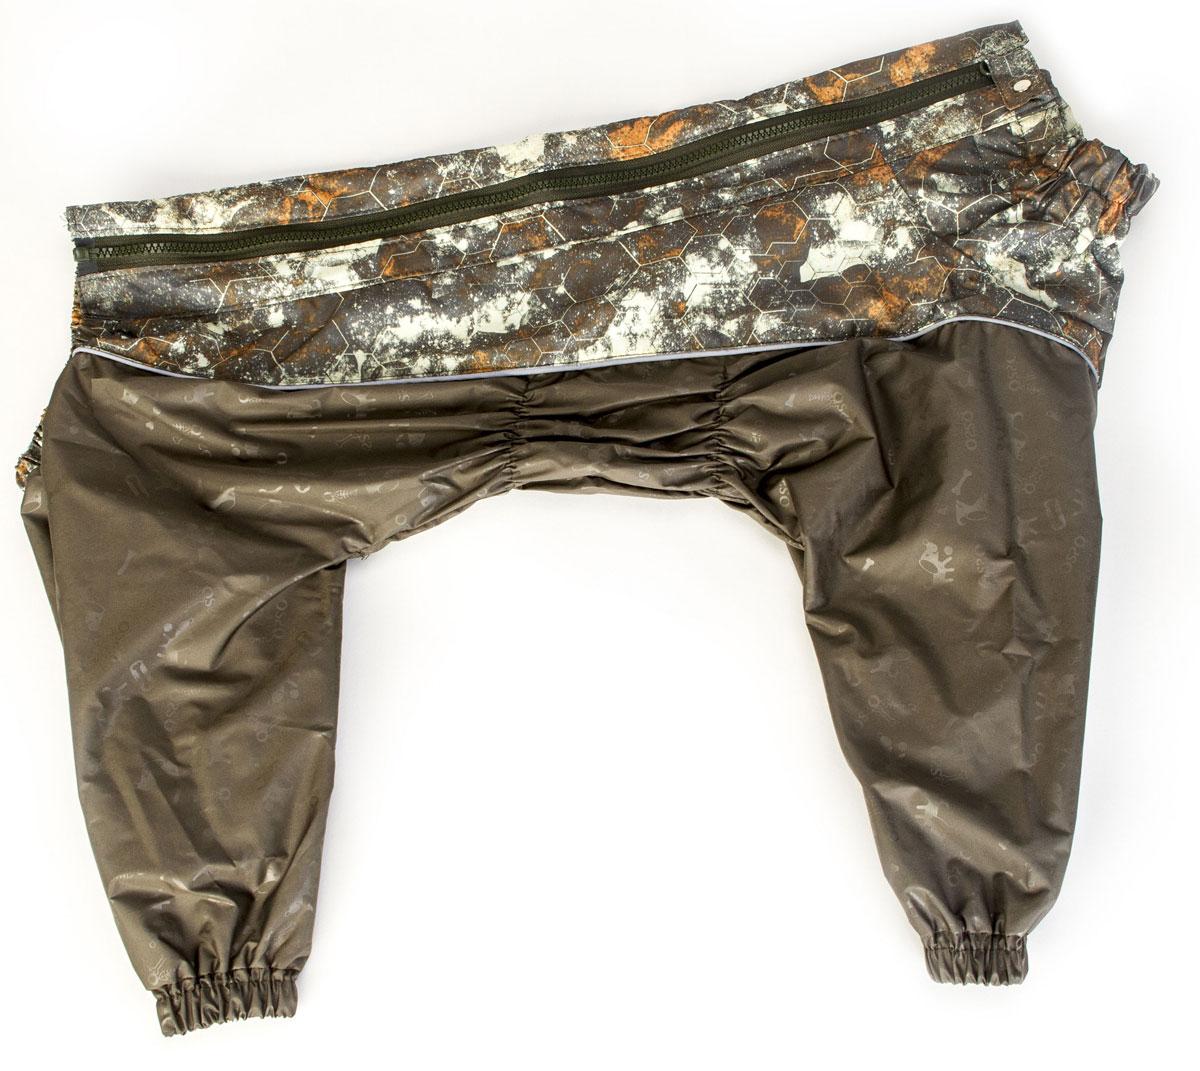 Комбинезон для собак OSSO Fashion, для мальчика, цвет: хаки. Размер 45К-1010-хаки-вставкаКомбинезон для собак OSSO Fashion изготовлен из водоотталкивающей и ветрозащитной ткани (100% полиэстер). Предназначен для прогулок в межсезонье, в сырую погоду для защиты собаки от грязи и воды. В комбинезоне используется отделка со светоотражающим кантом и тракторная молния со светоотражающей полосой. Комбинезон для собак эргономичен, удобен, не сковывает движений собаки при беге, во время игры и при дрессировке. Комфортная посадка по корпусу достигается за счет резинок-утяжек под грудью и животом. На воротнике имеется кнопка для фиксации. От попадания воды и грязи внутрь комбинезона низ штанин также собран на резинку. Длина спинки: 45 см. Объем груди: 52-66 см.